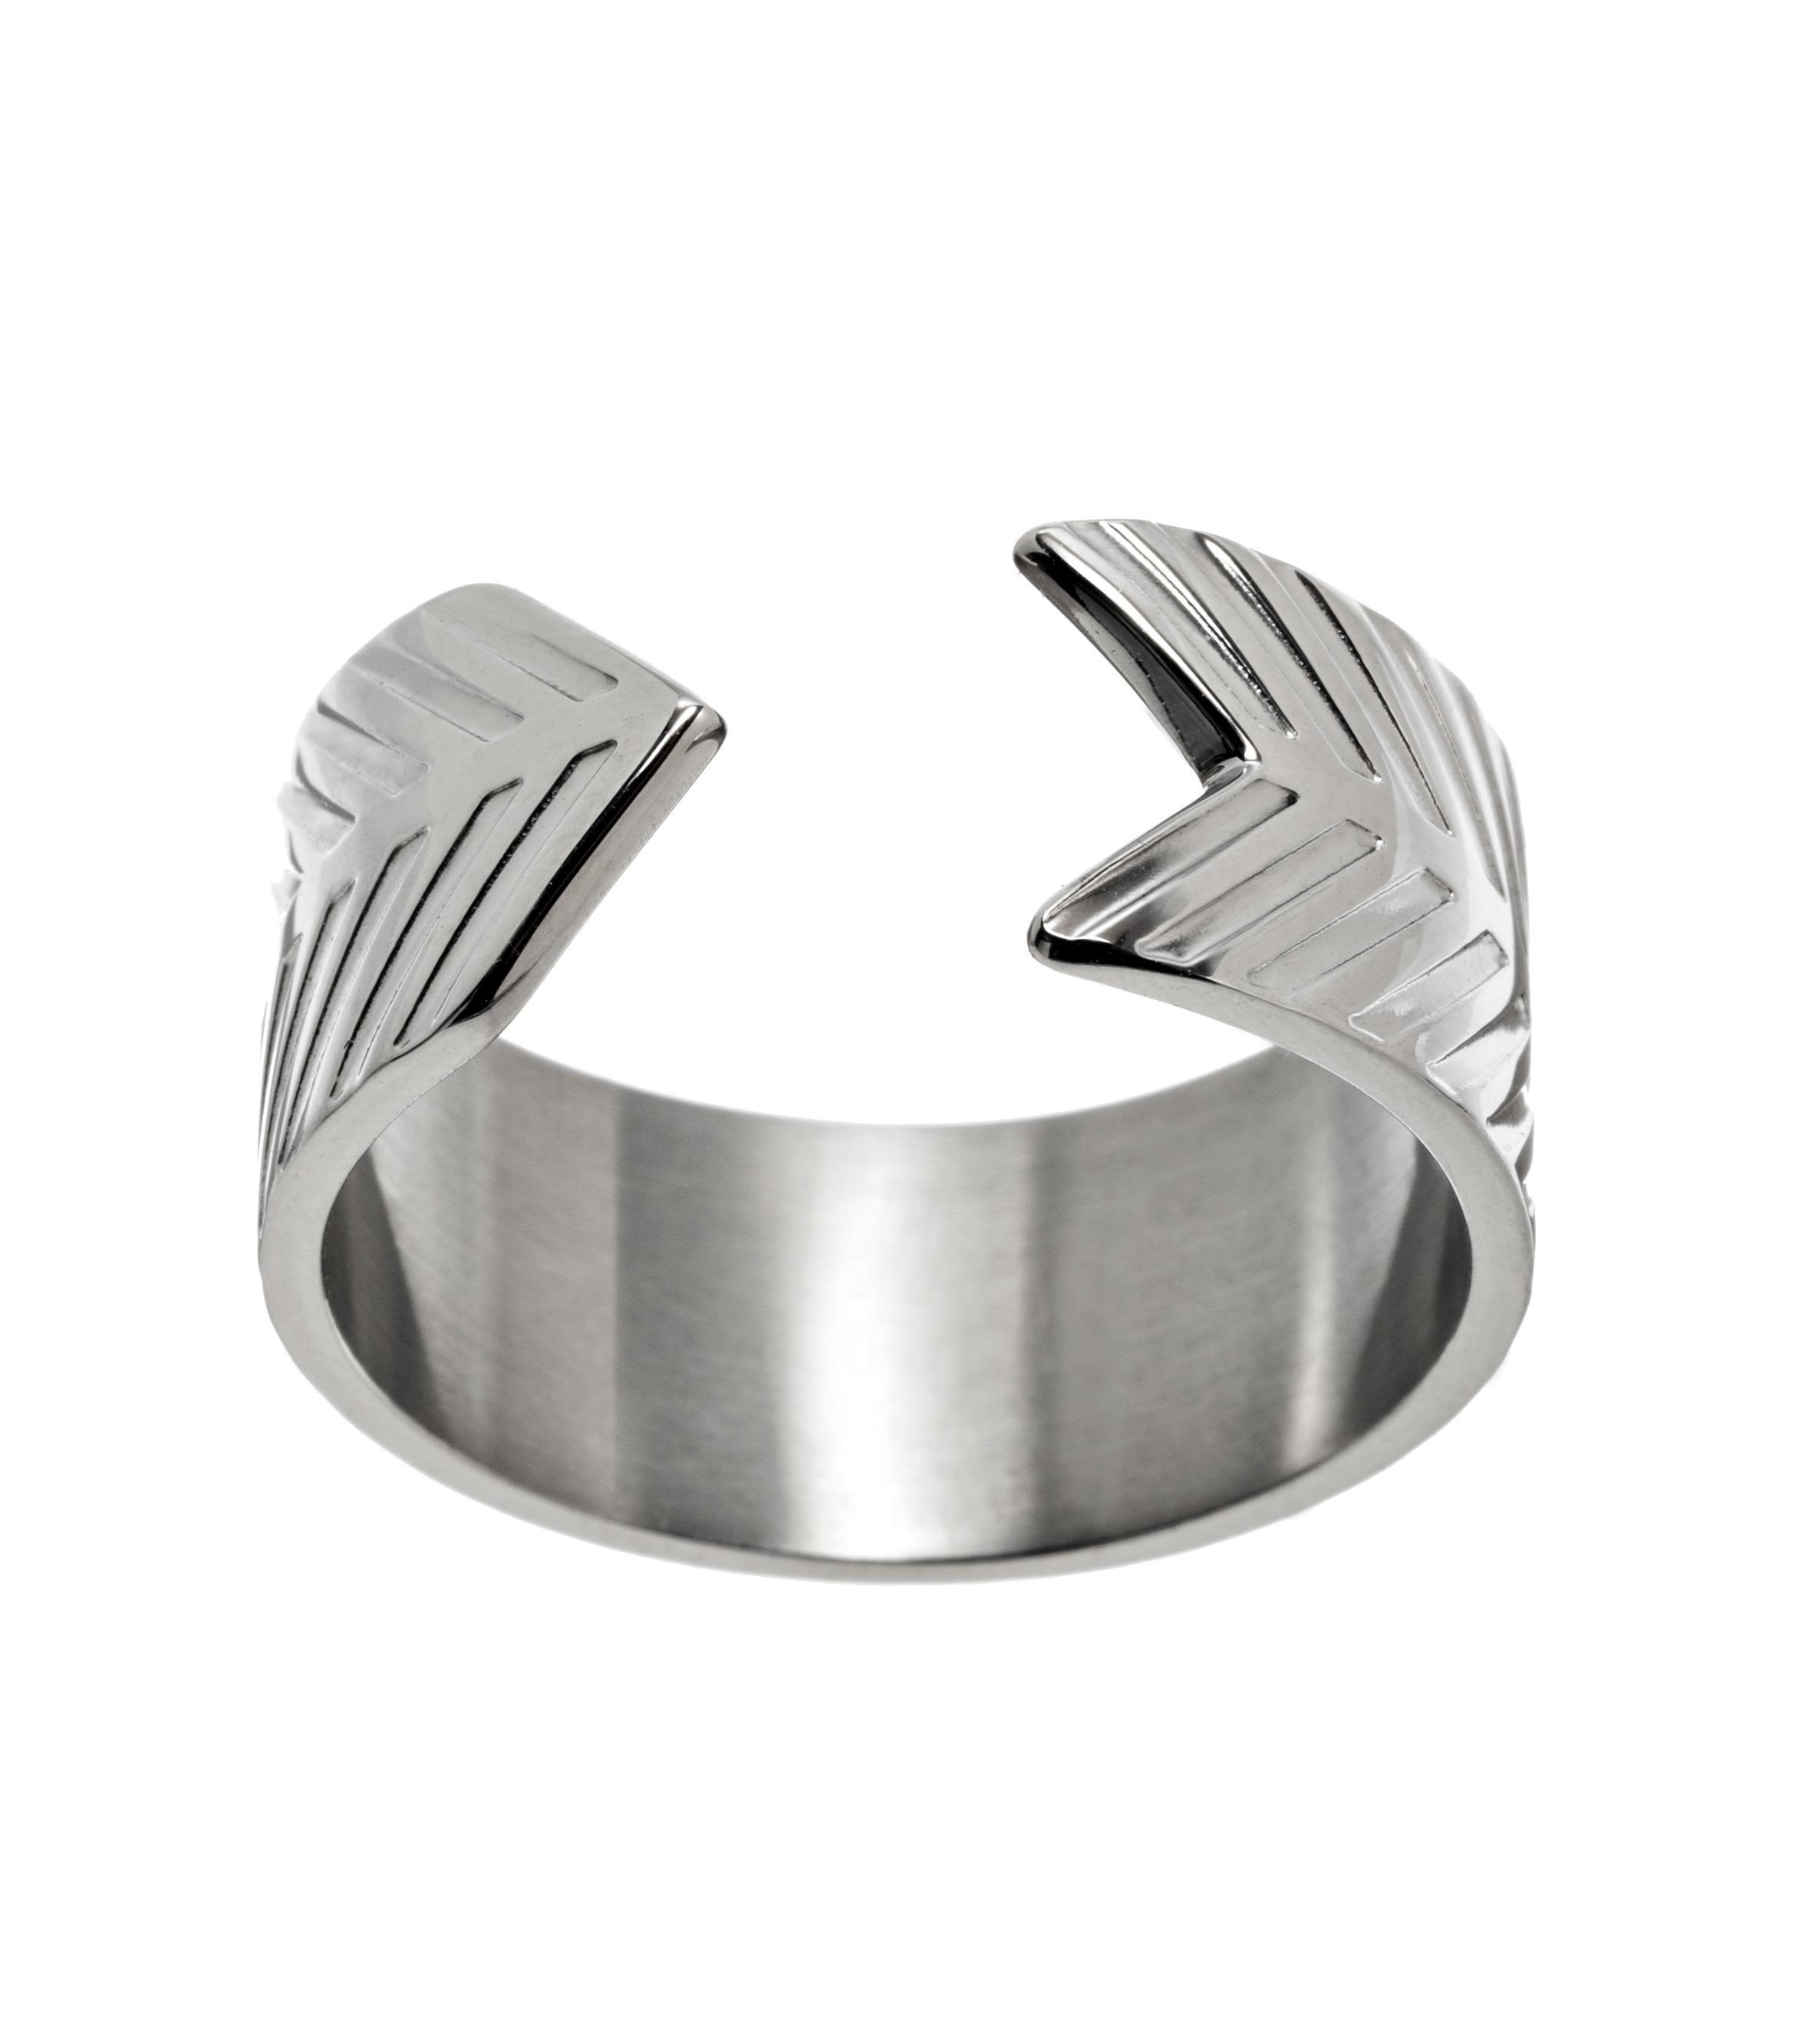 Herringbone Ring Steel - Herringbone är en serie herrsmycken med ett  mönster insprirerat av just fiskben 006c5b0a43840